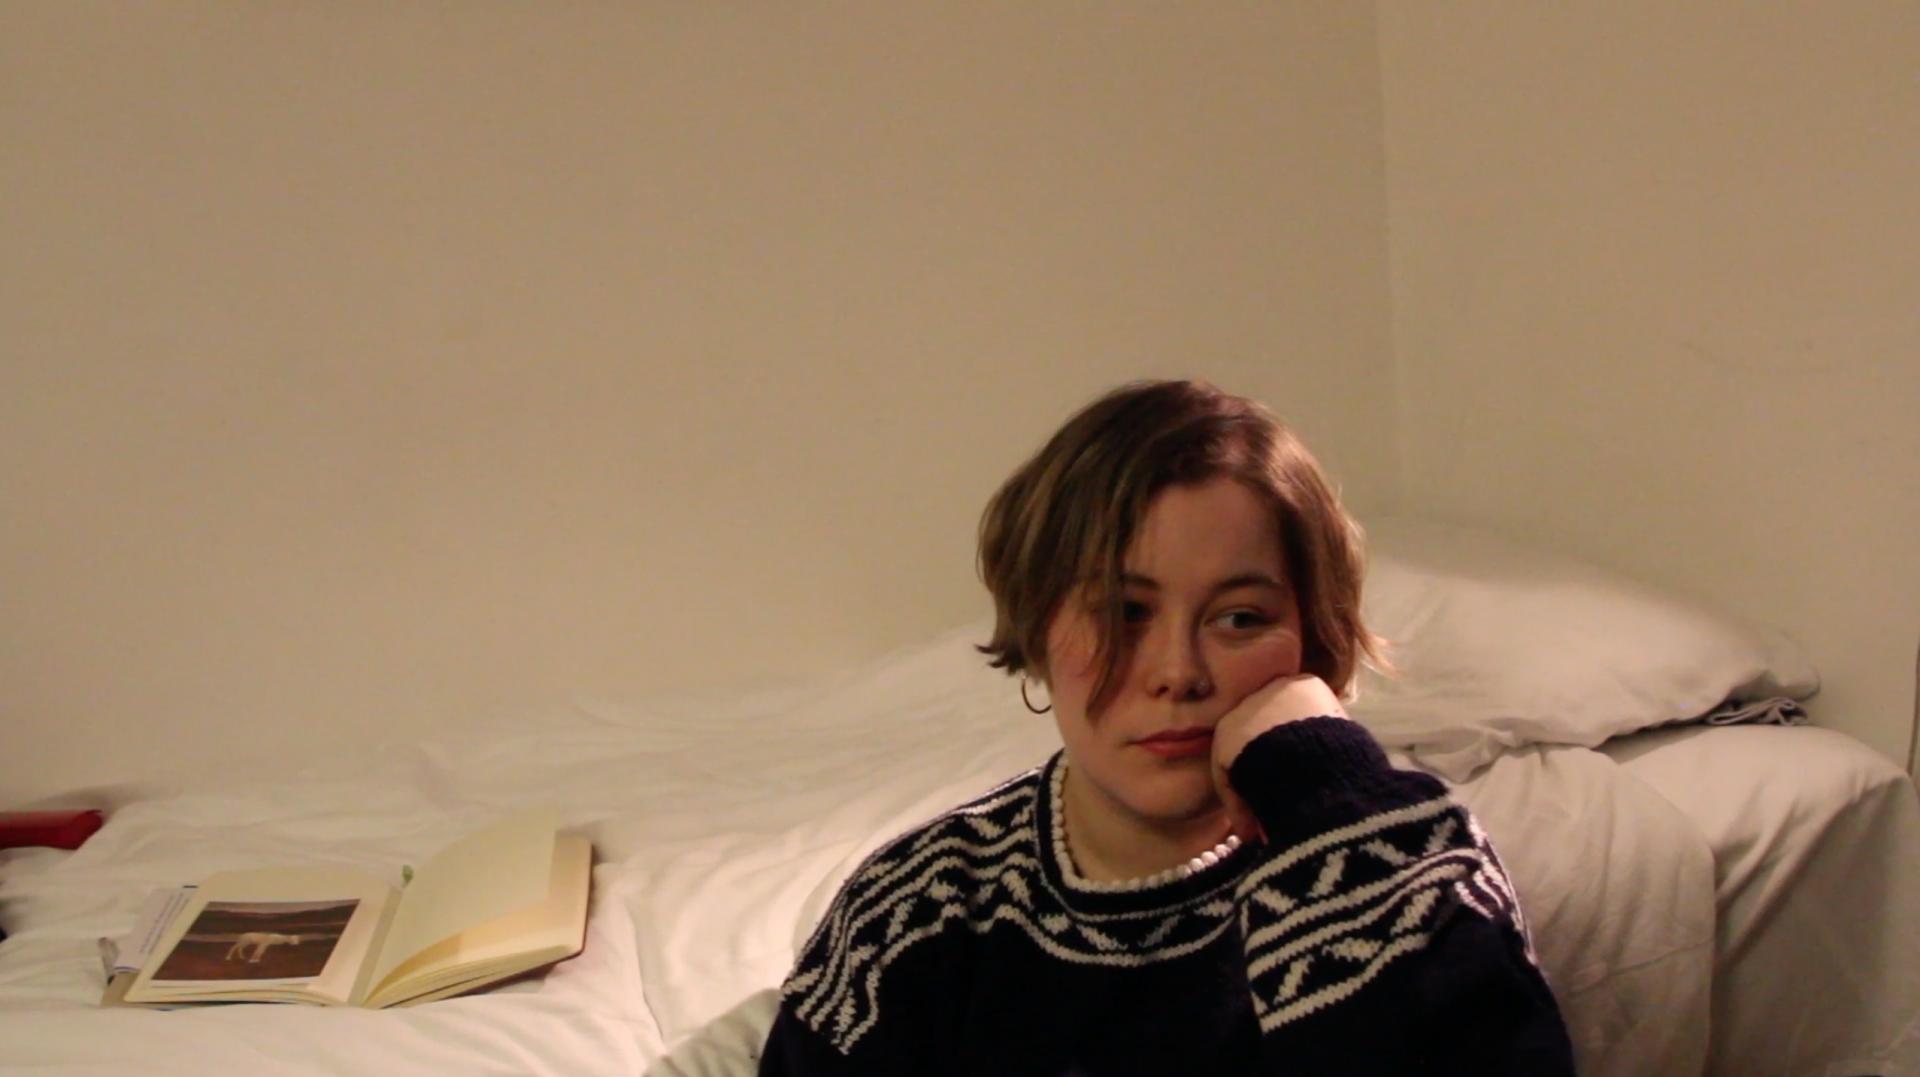 Iona Roisin Hotel room notes